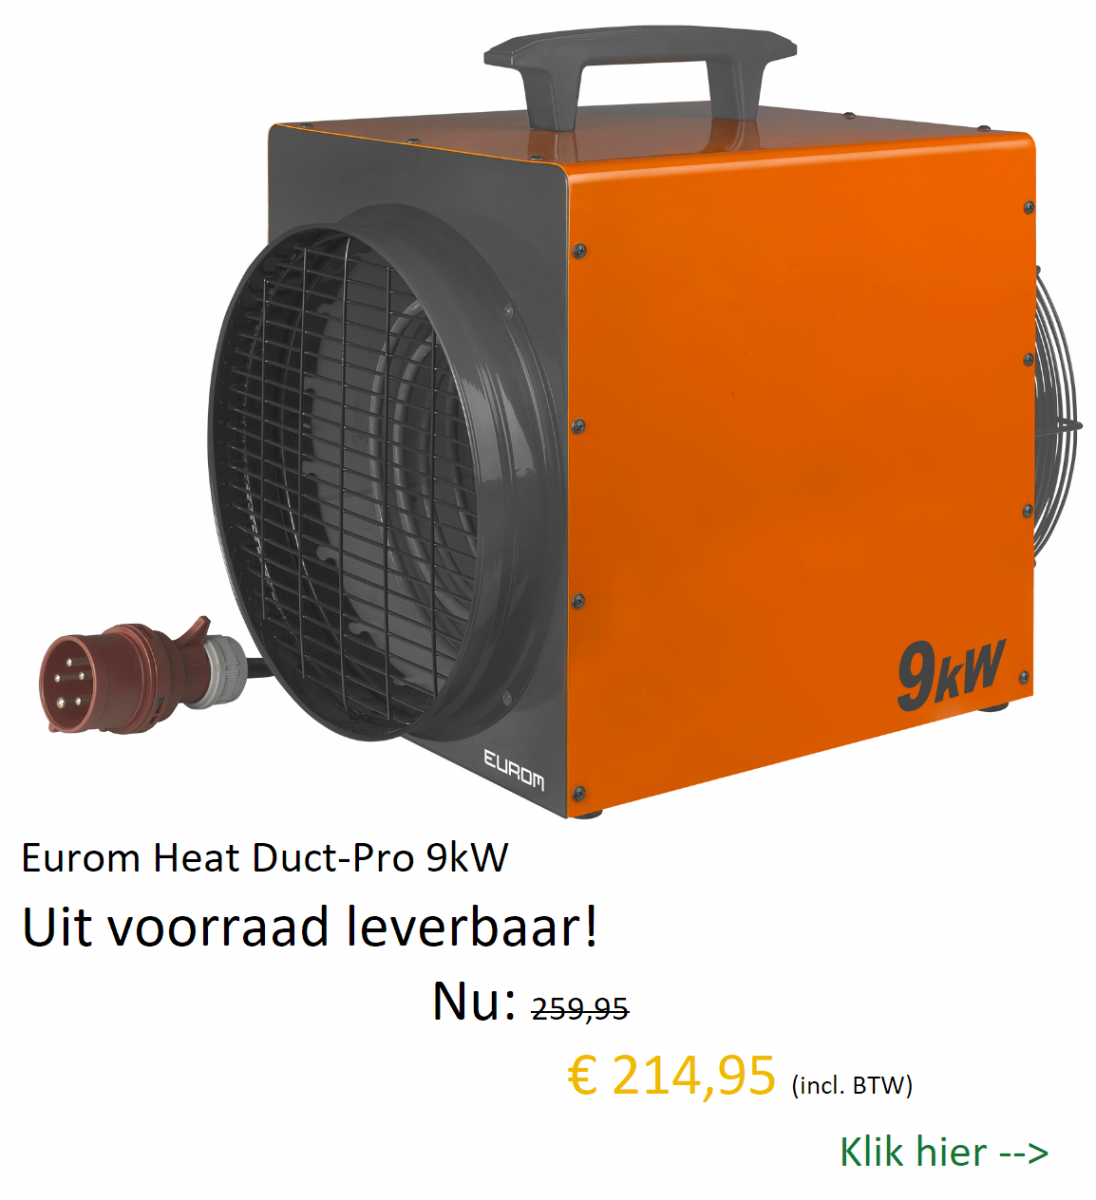 Eurom Heat Duct-Pro 9kW uit voorraad leverbaar bij Wijmarbouwmachines!